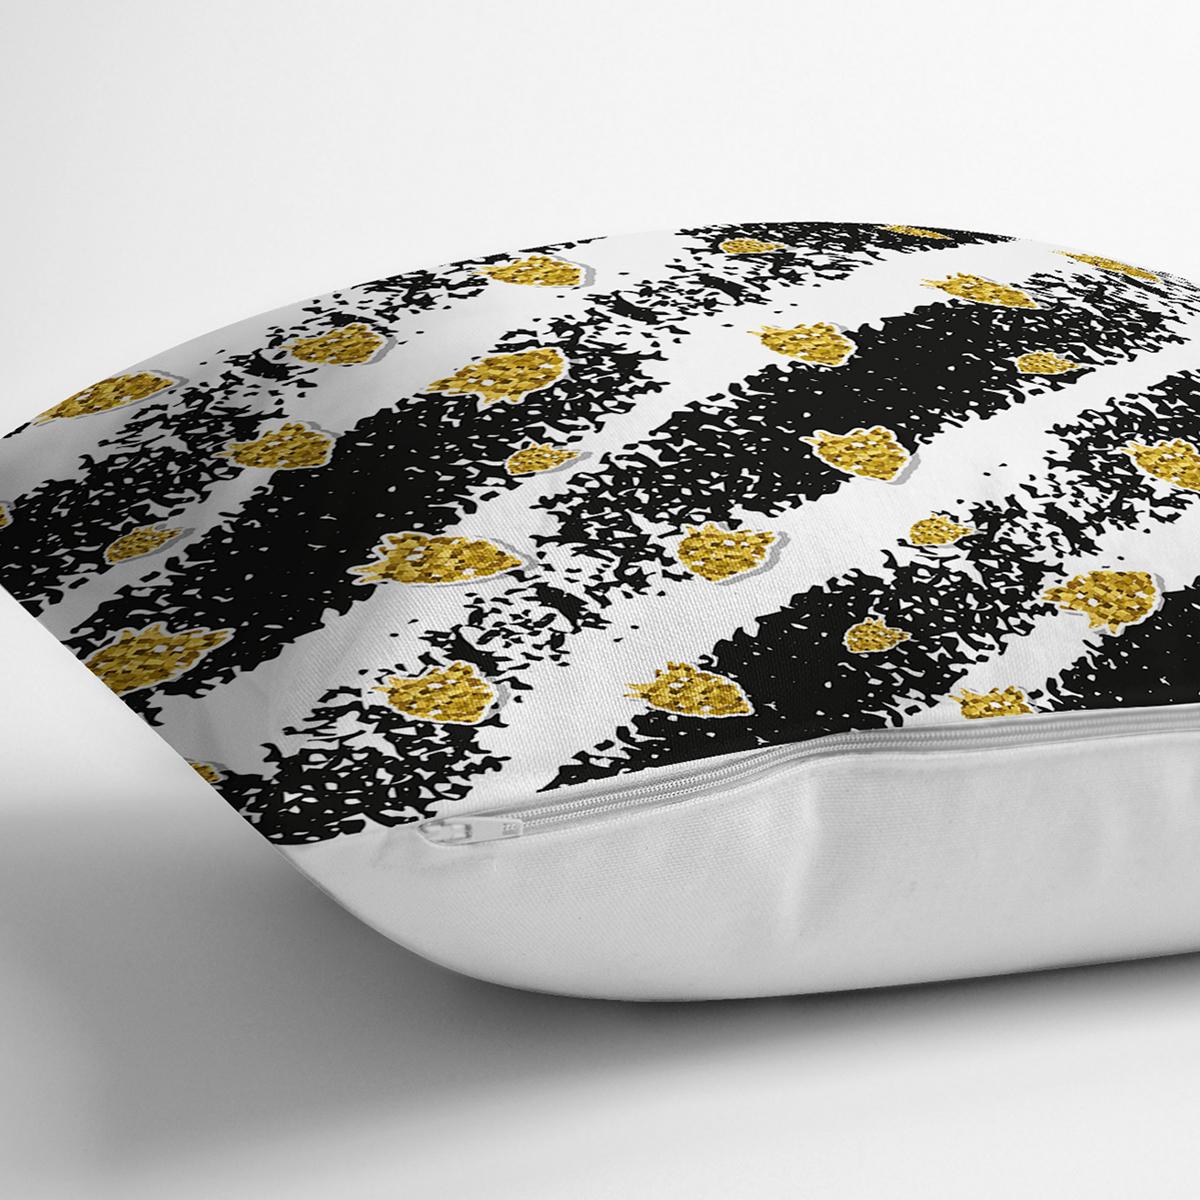 Beyaz Zemin Üzerinde Siyah Çizgili Gold Detaylı Çilek Desenli Yastık Kılıfı Realhomes